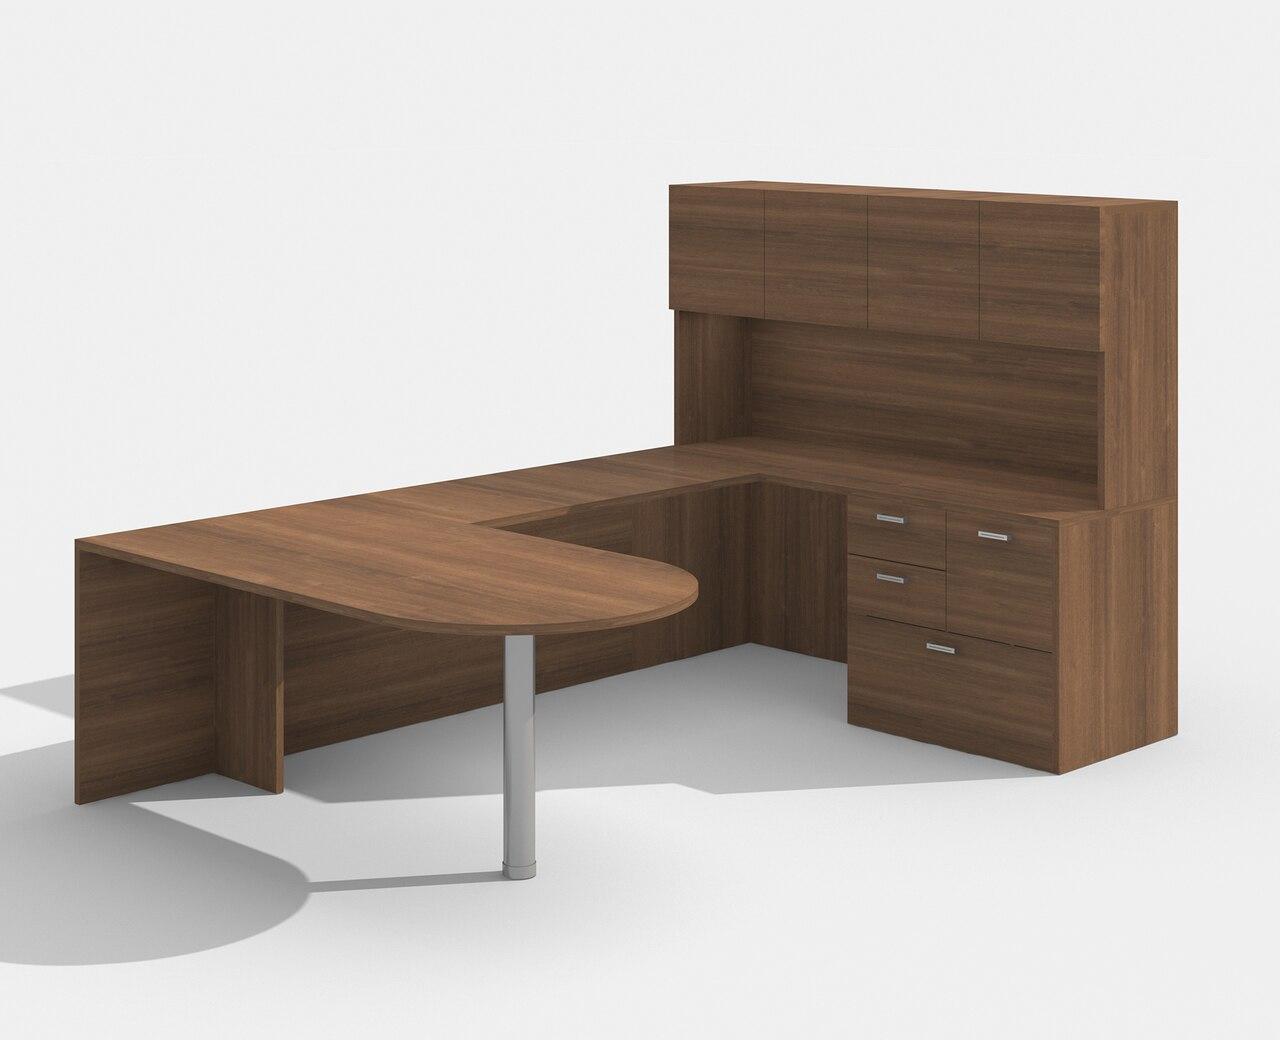 walnut am-364n amber bullet shape u desk with hutch